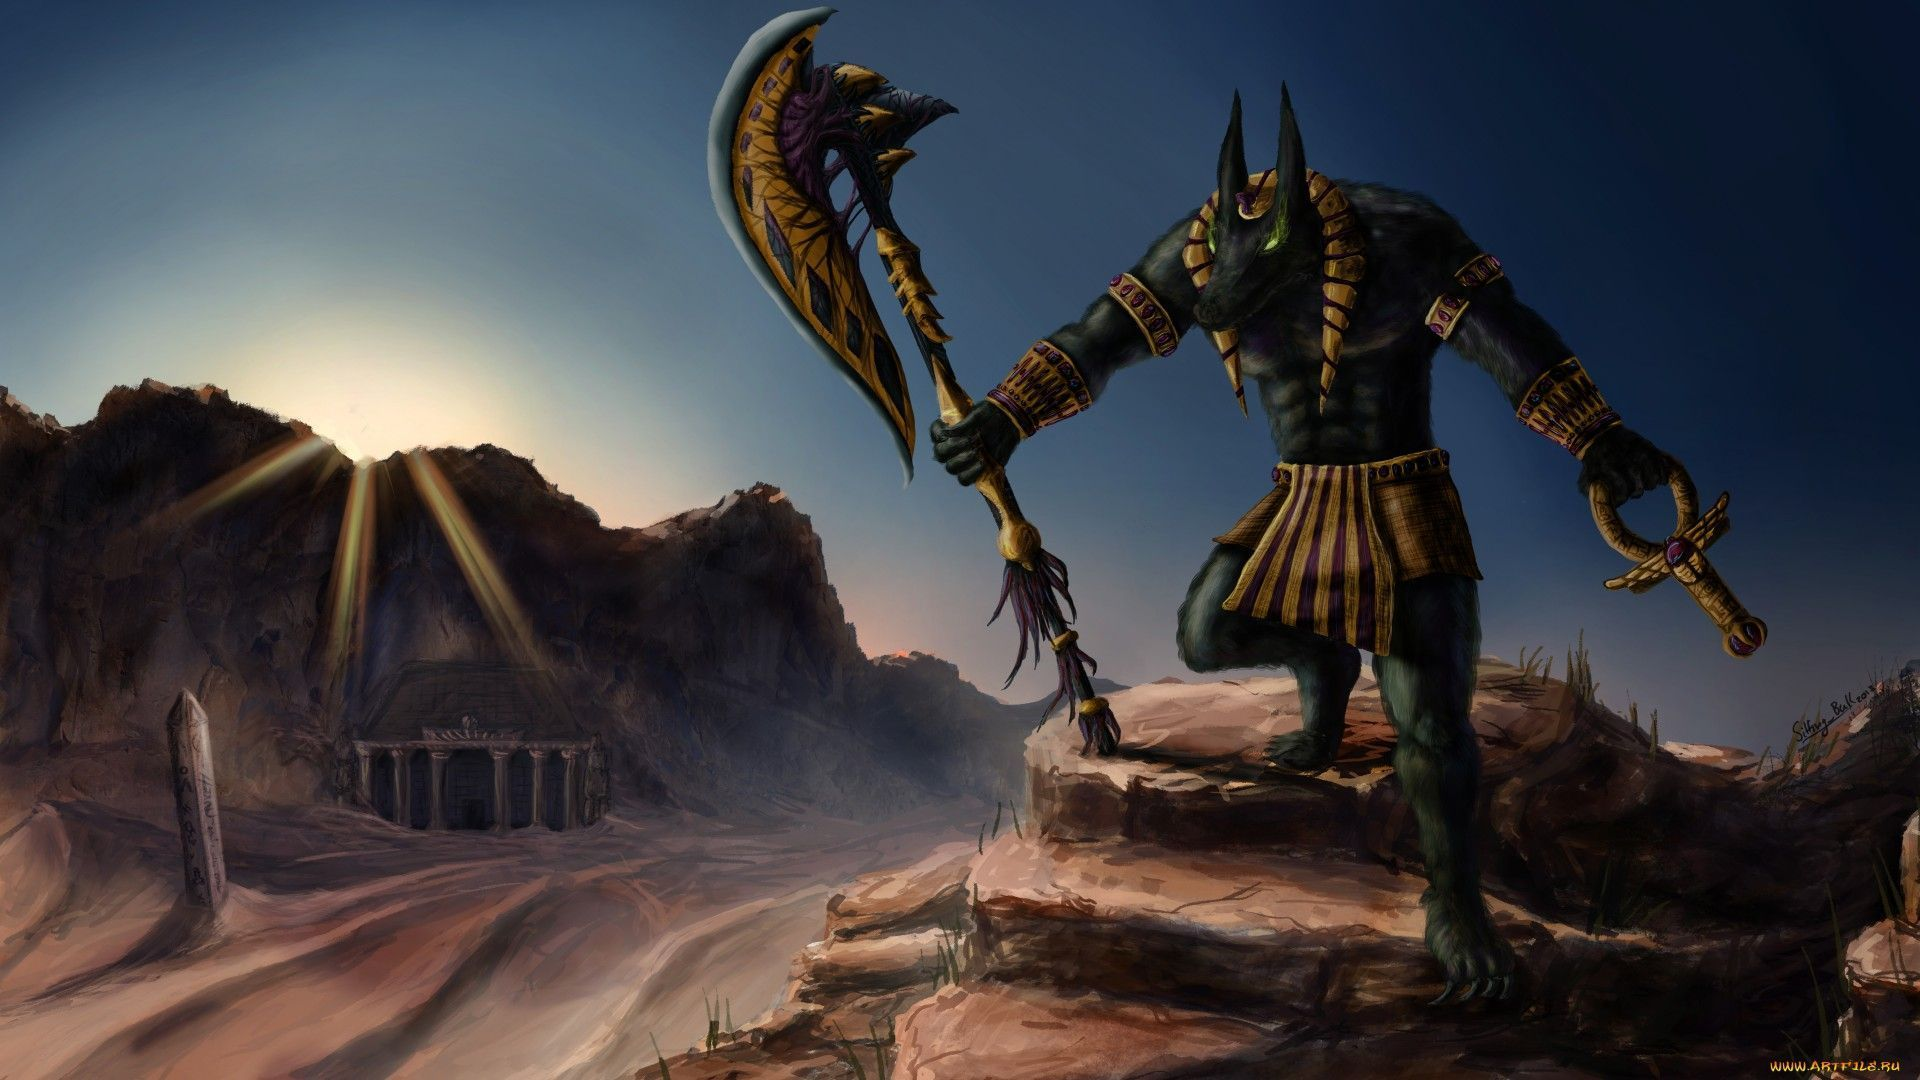 4K Anubis Wallpapers - Top Free 4K Anubis Backgrounds